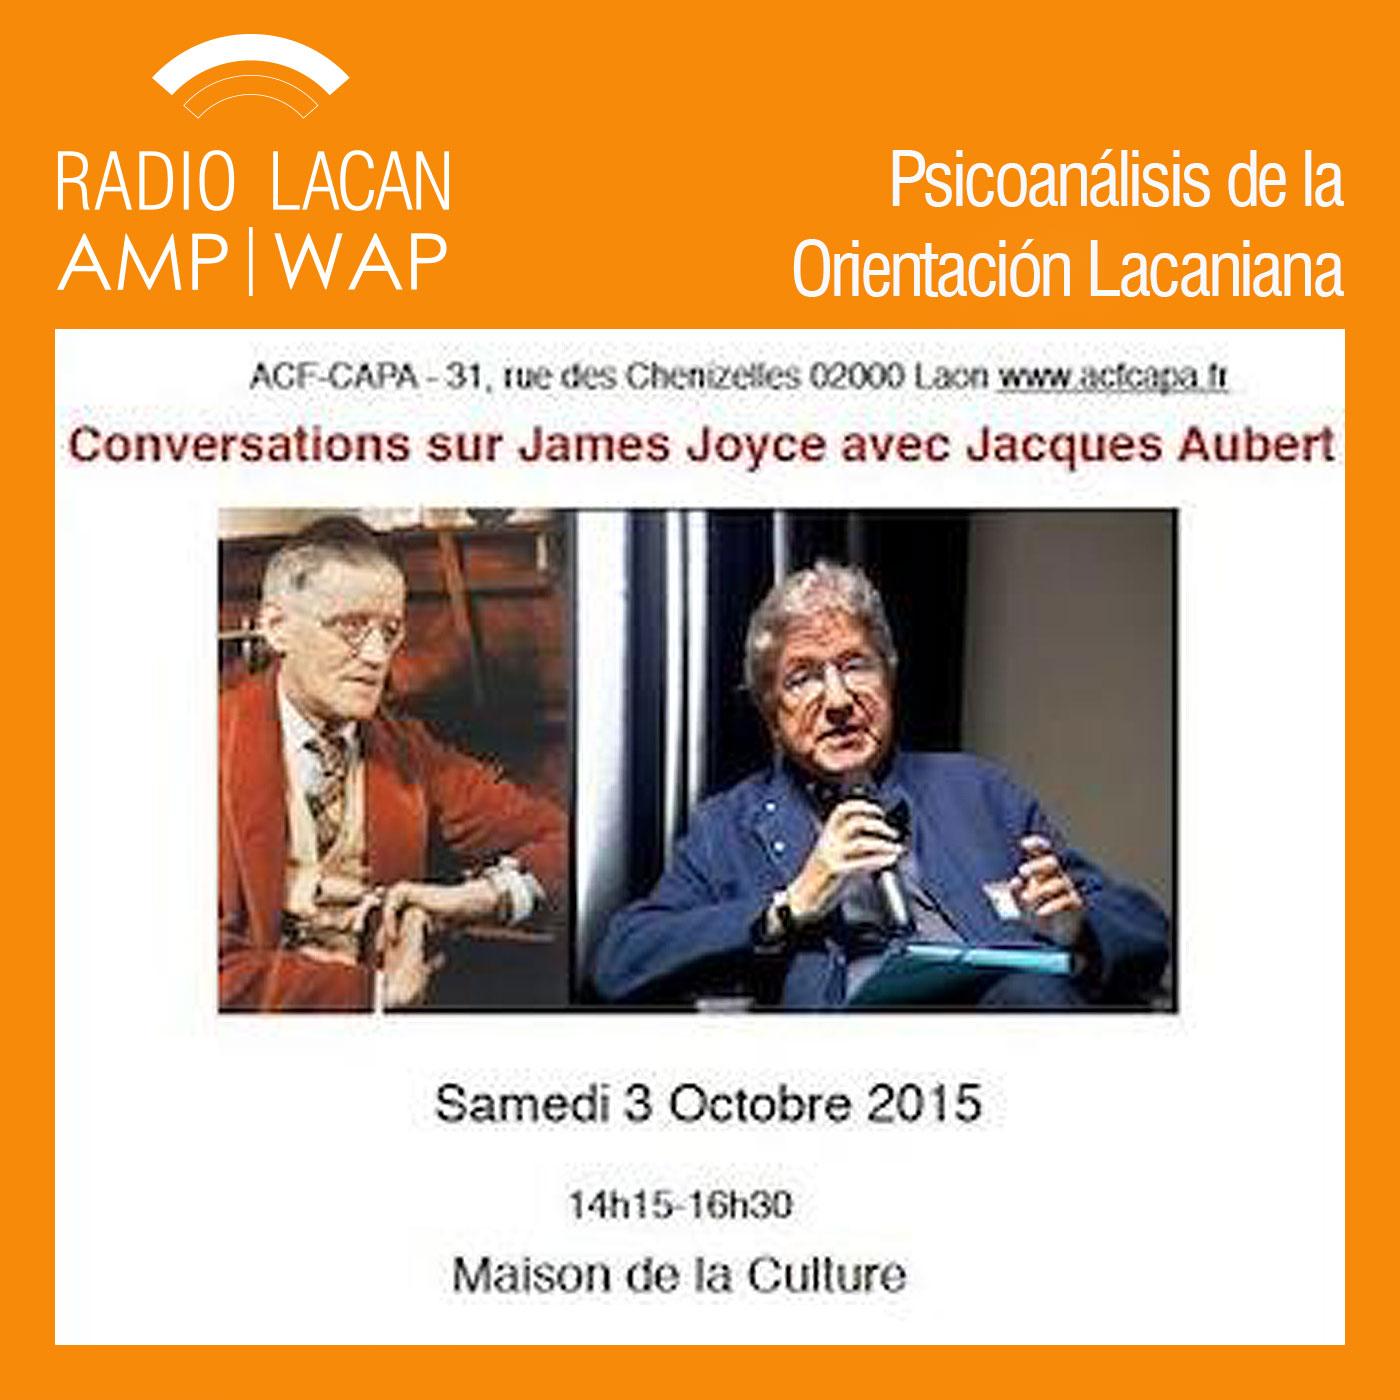 RadioLacan.com | <![CDATA[Conversación con Jacques Aubert sobre James Joyce. Invitado de la ACF-CAPA]]>